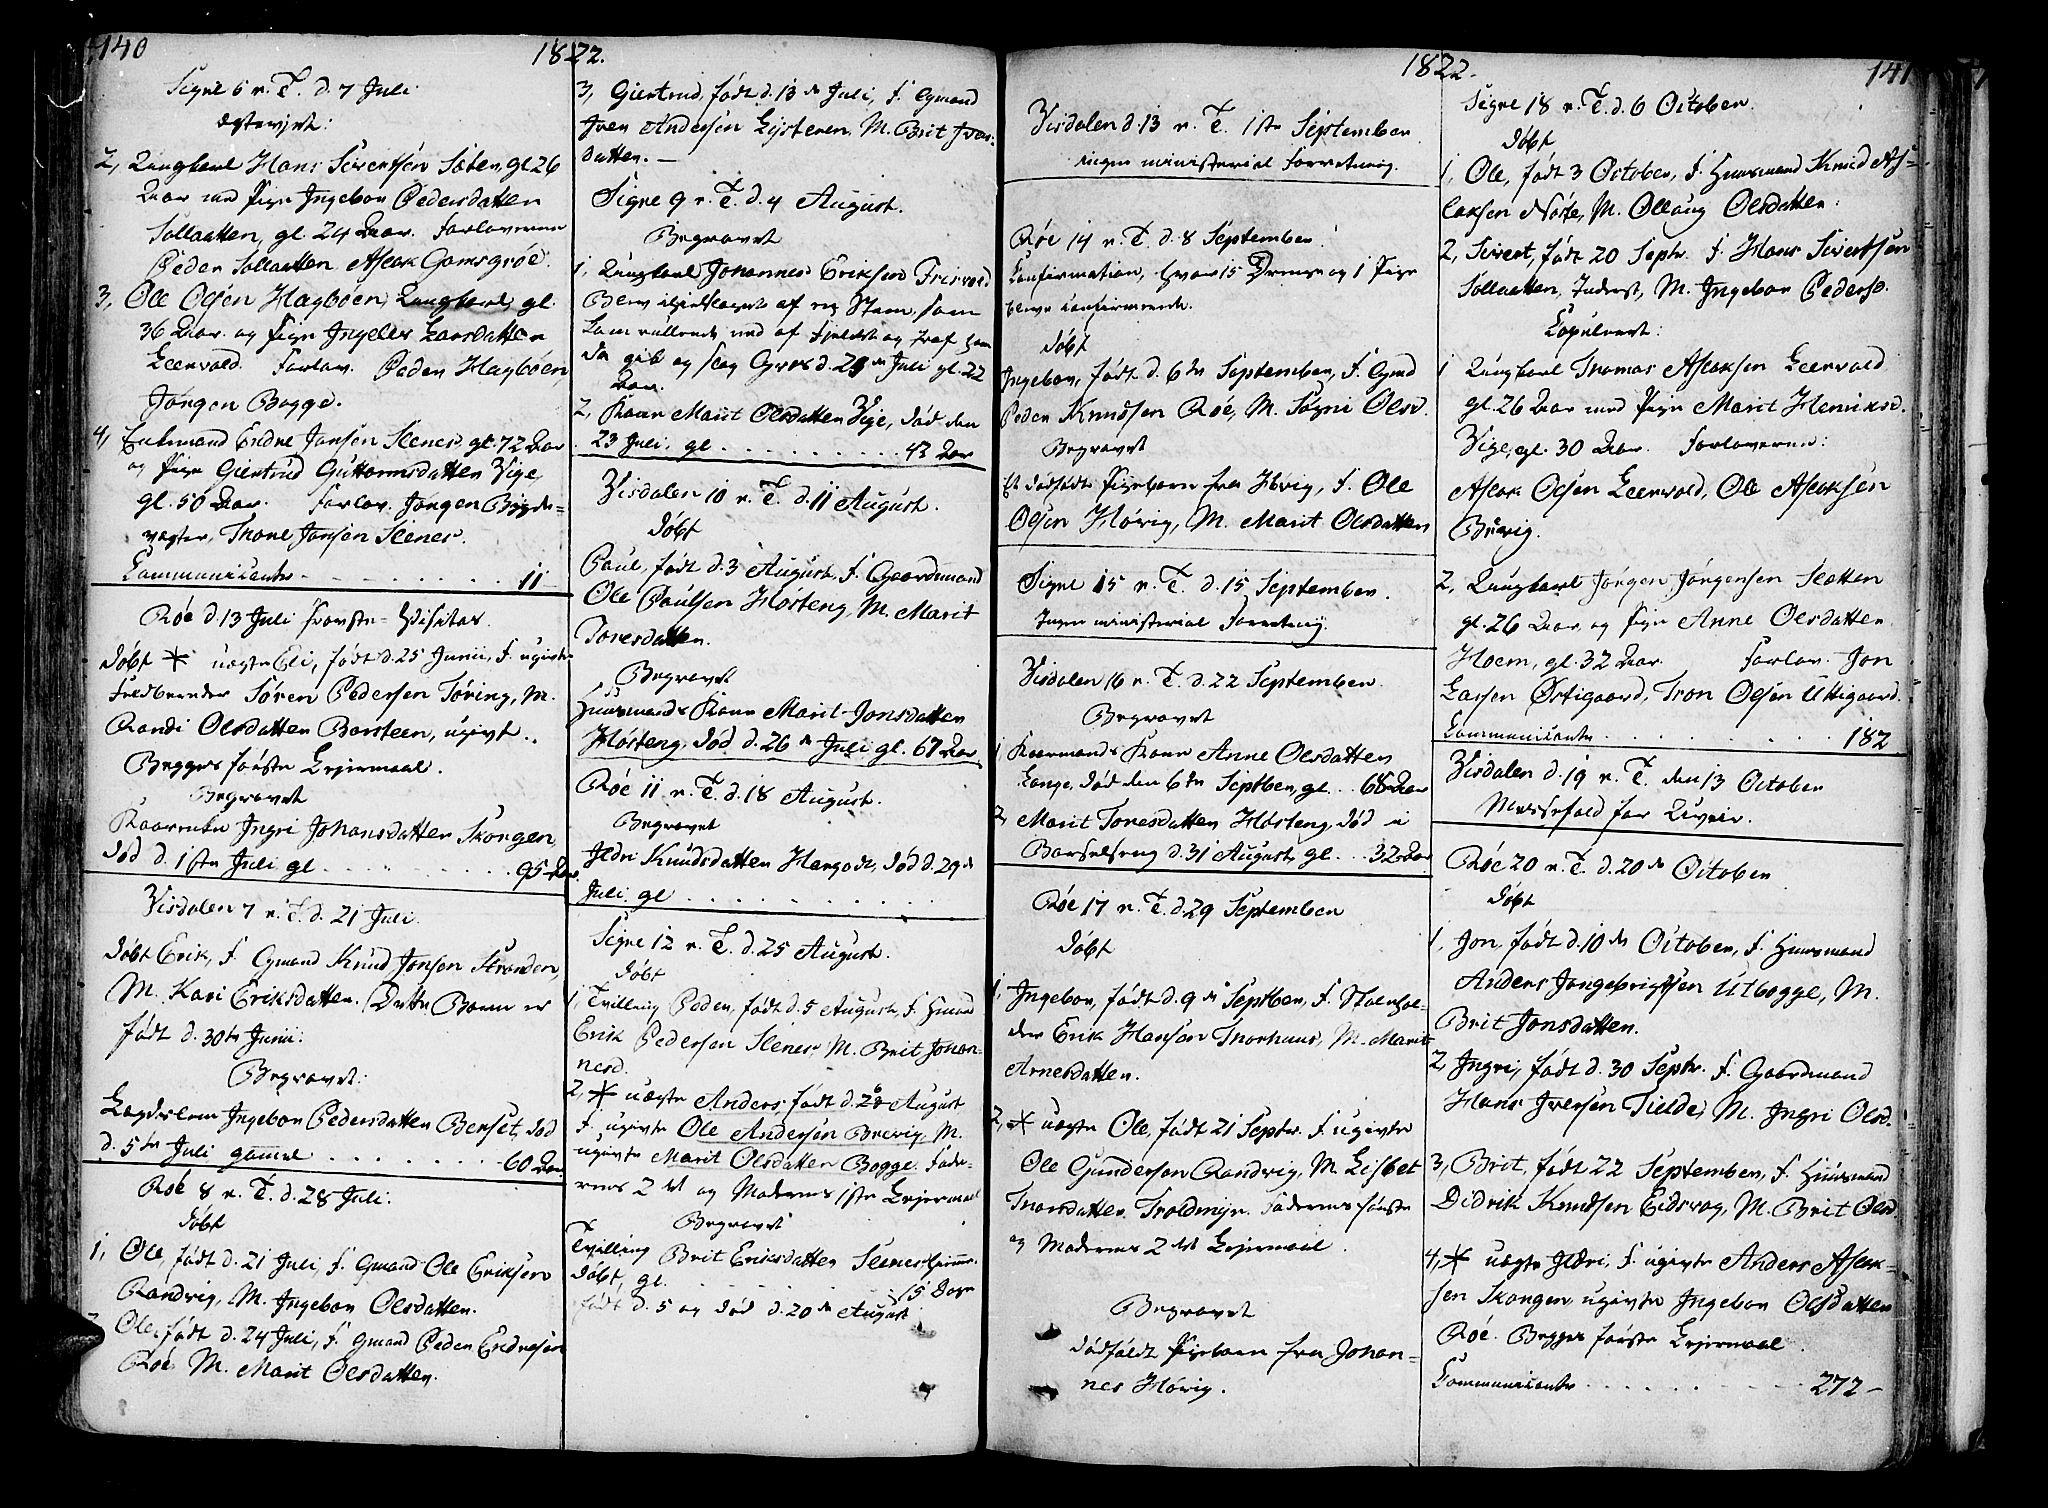 SAT, Ministerialprotokoller, klokkerbøker og fødselsregistre - Møre og Romsdal, 551/L0622: Parish register (official) no. 551A02, 1804-1845, p. 140-141